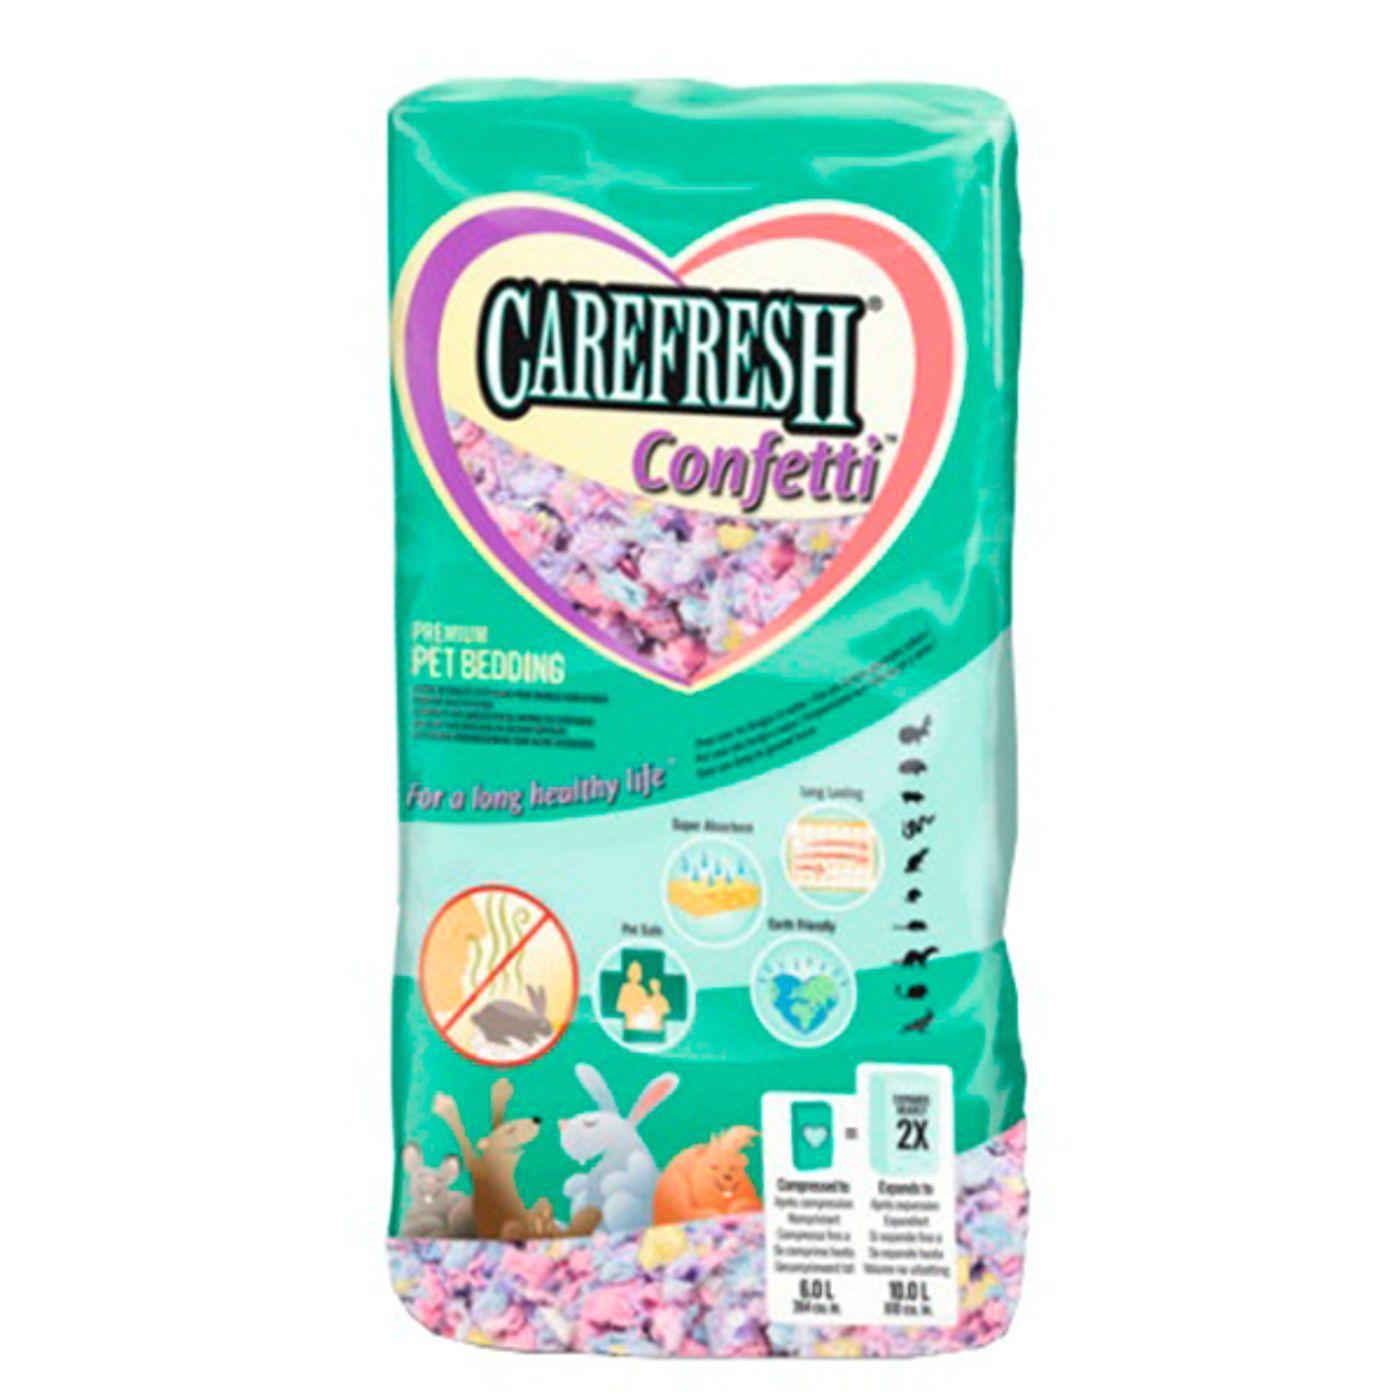 Carefresh-Confetti-10-L